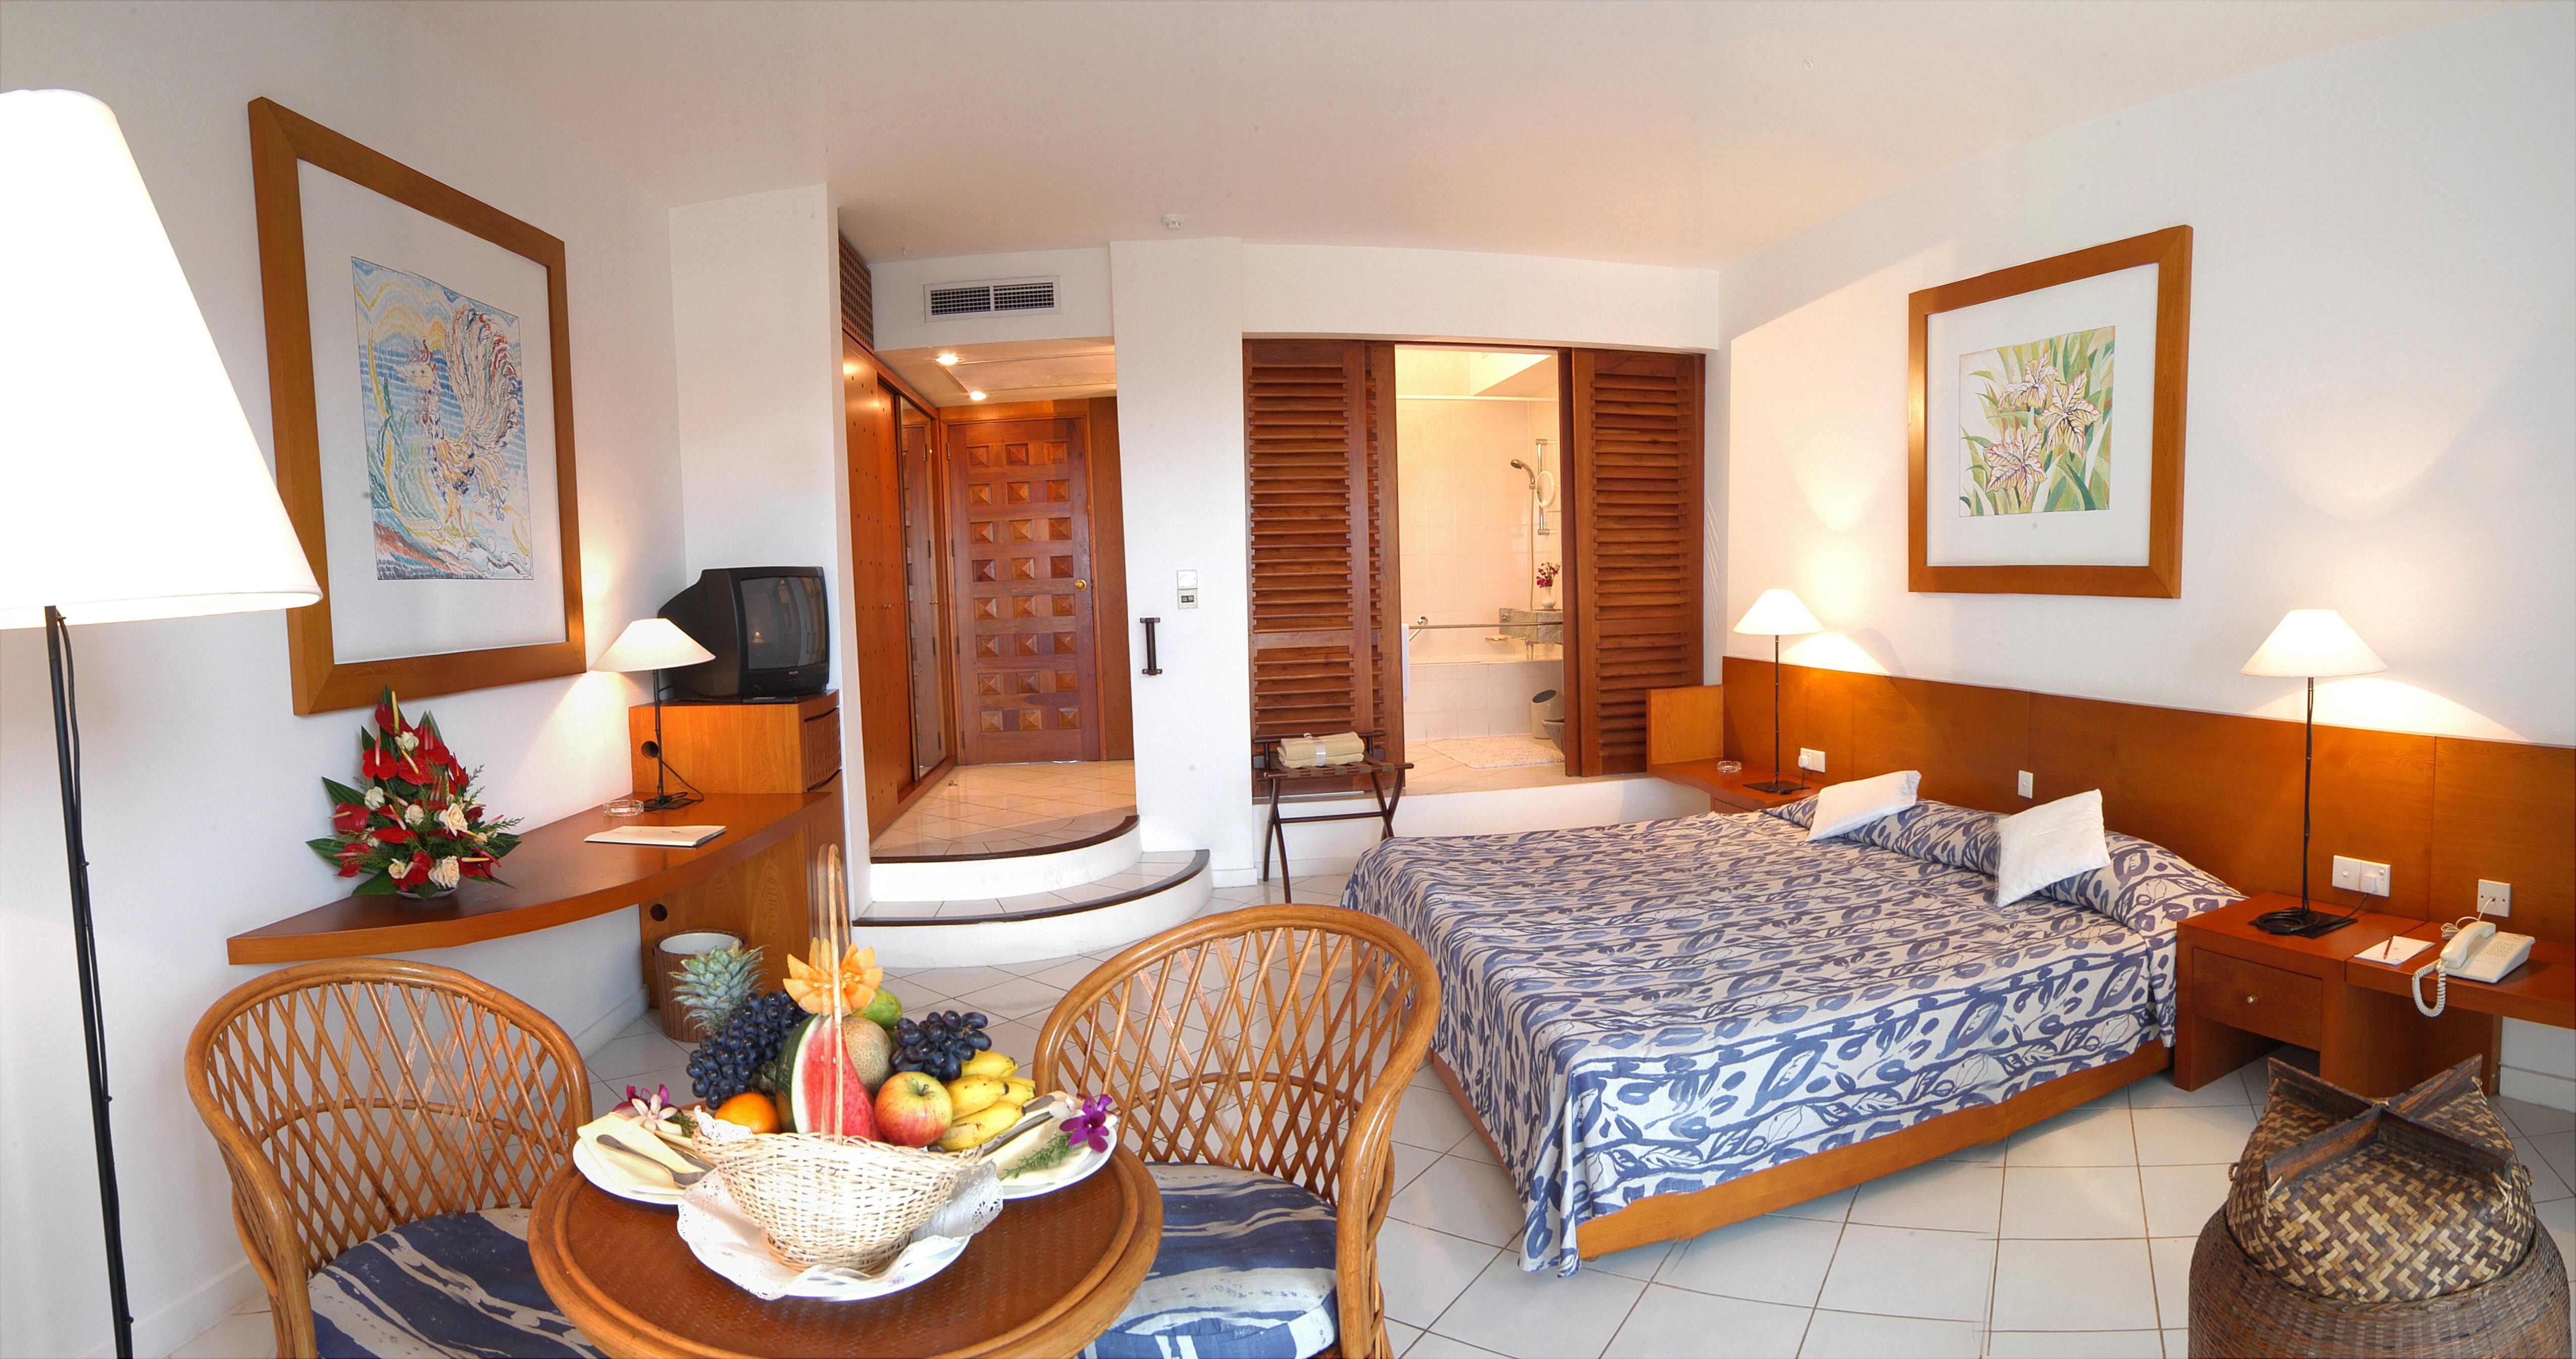 Comfort Zimmer mit blauer Bettwäsche und teilweise Holzmöbel